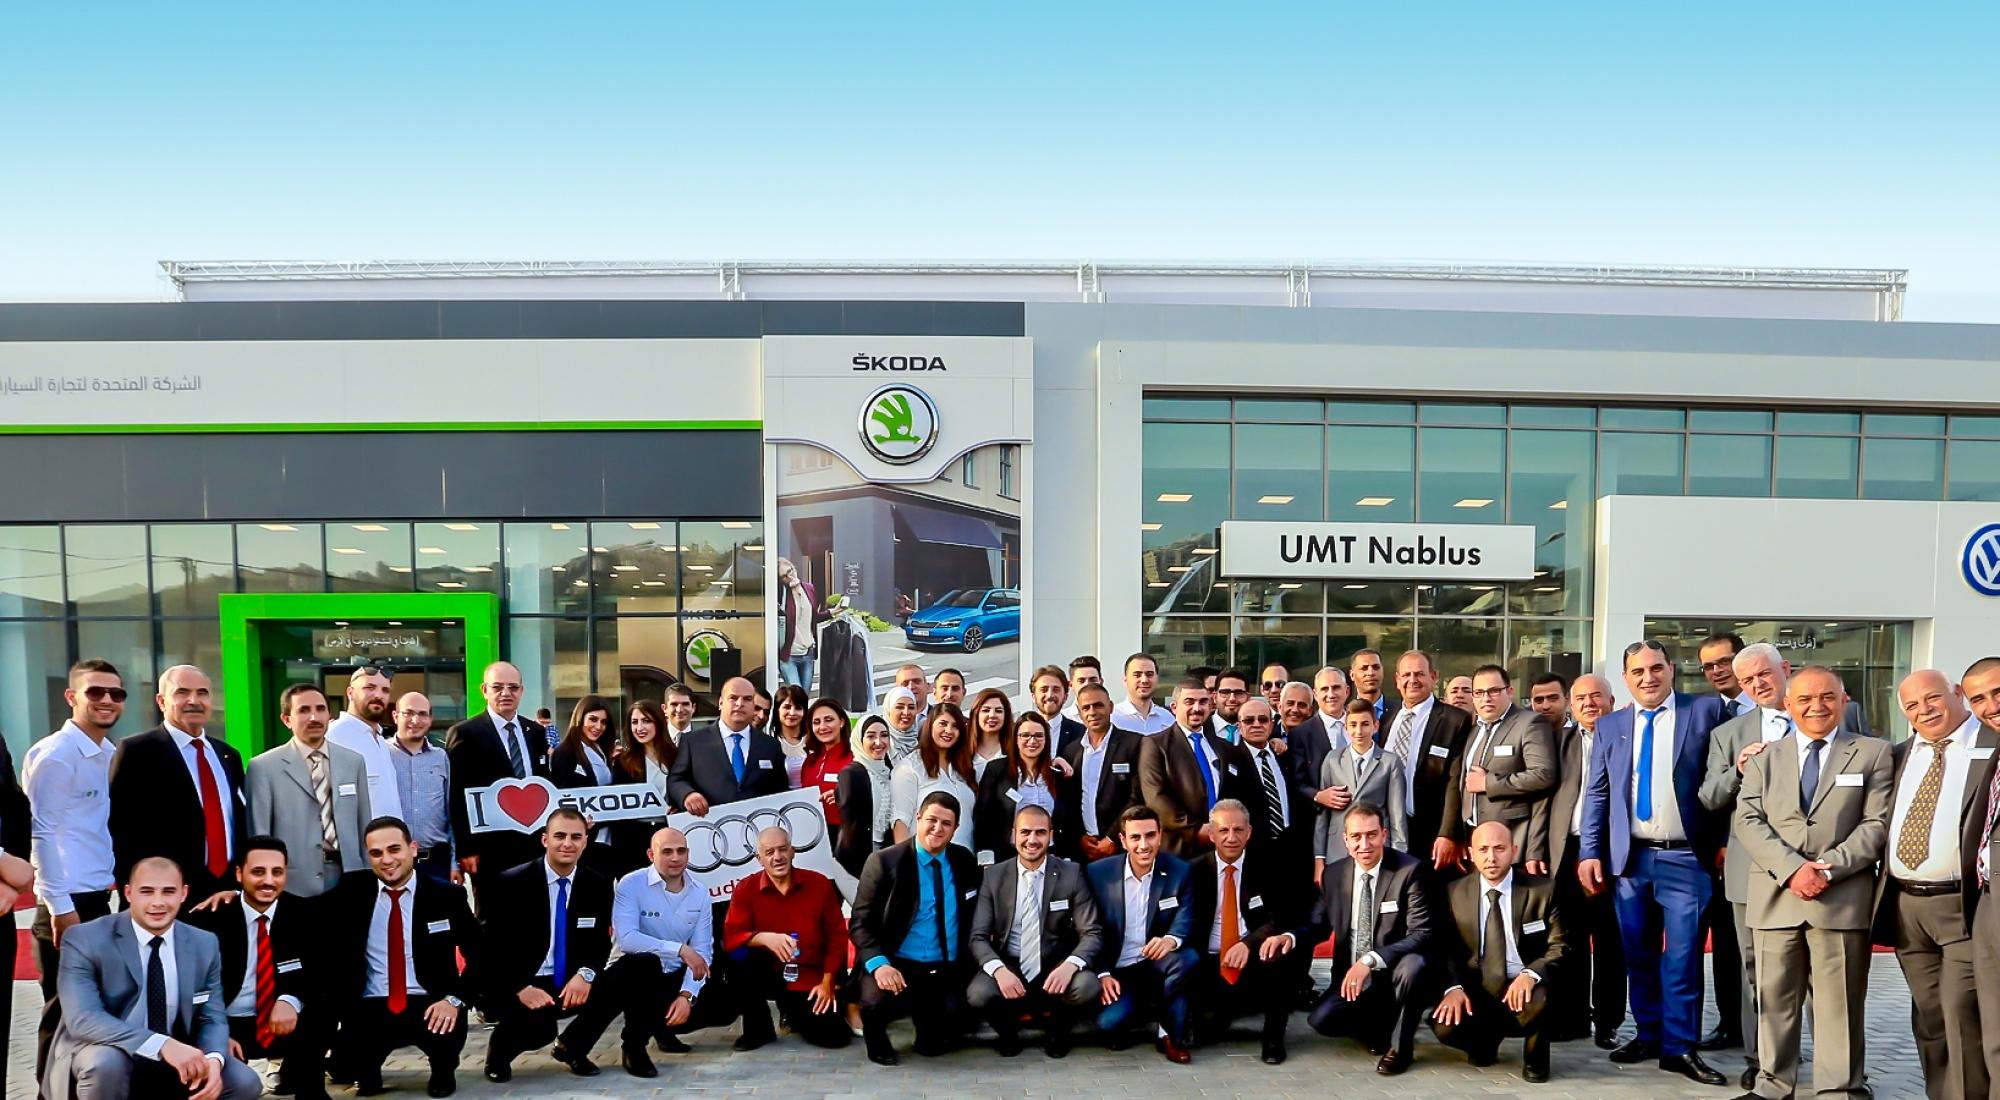 فريق الشركة المتحدة يحتفل بافتتحاح مركز الشركة المتحدة الجديد